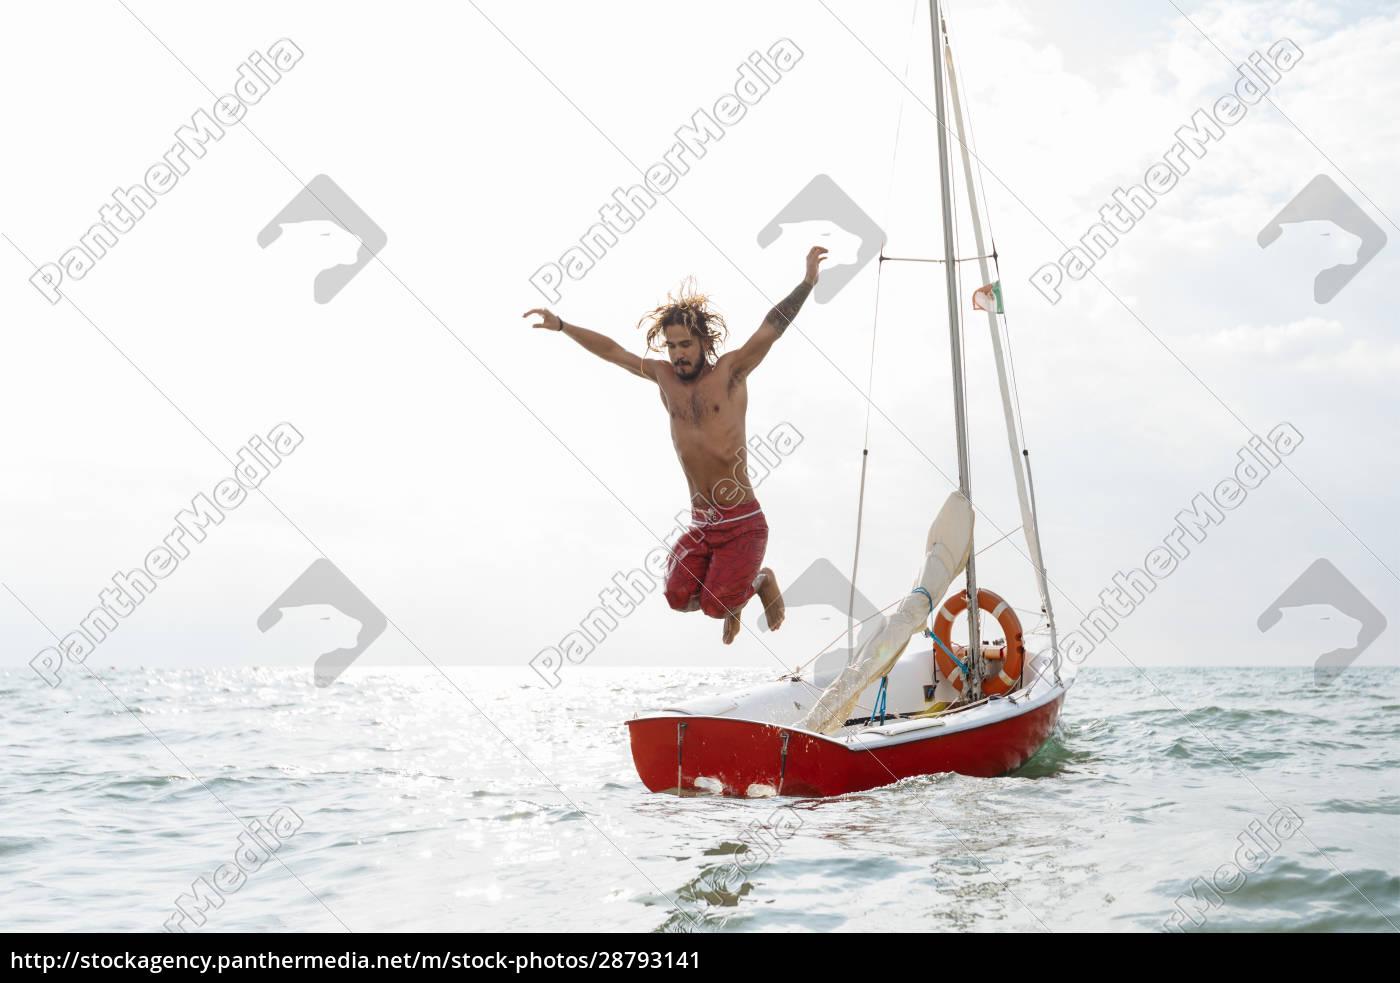 man, jumping, off, sailboat - 28793141